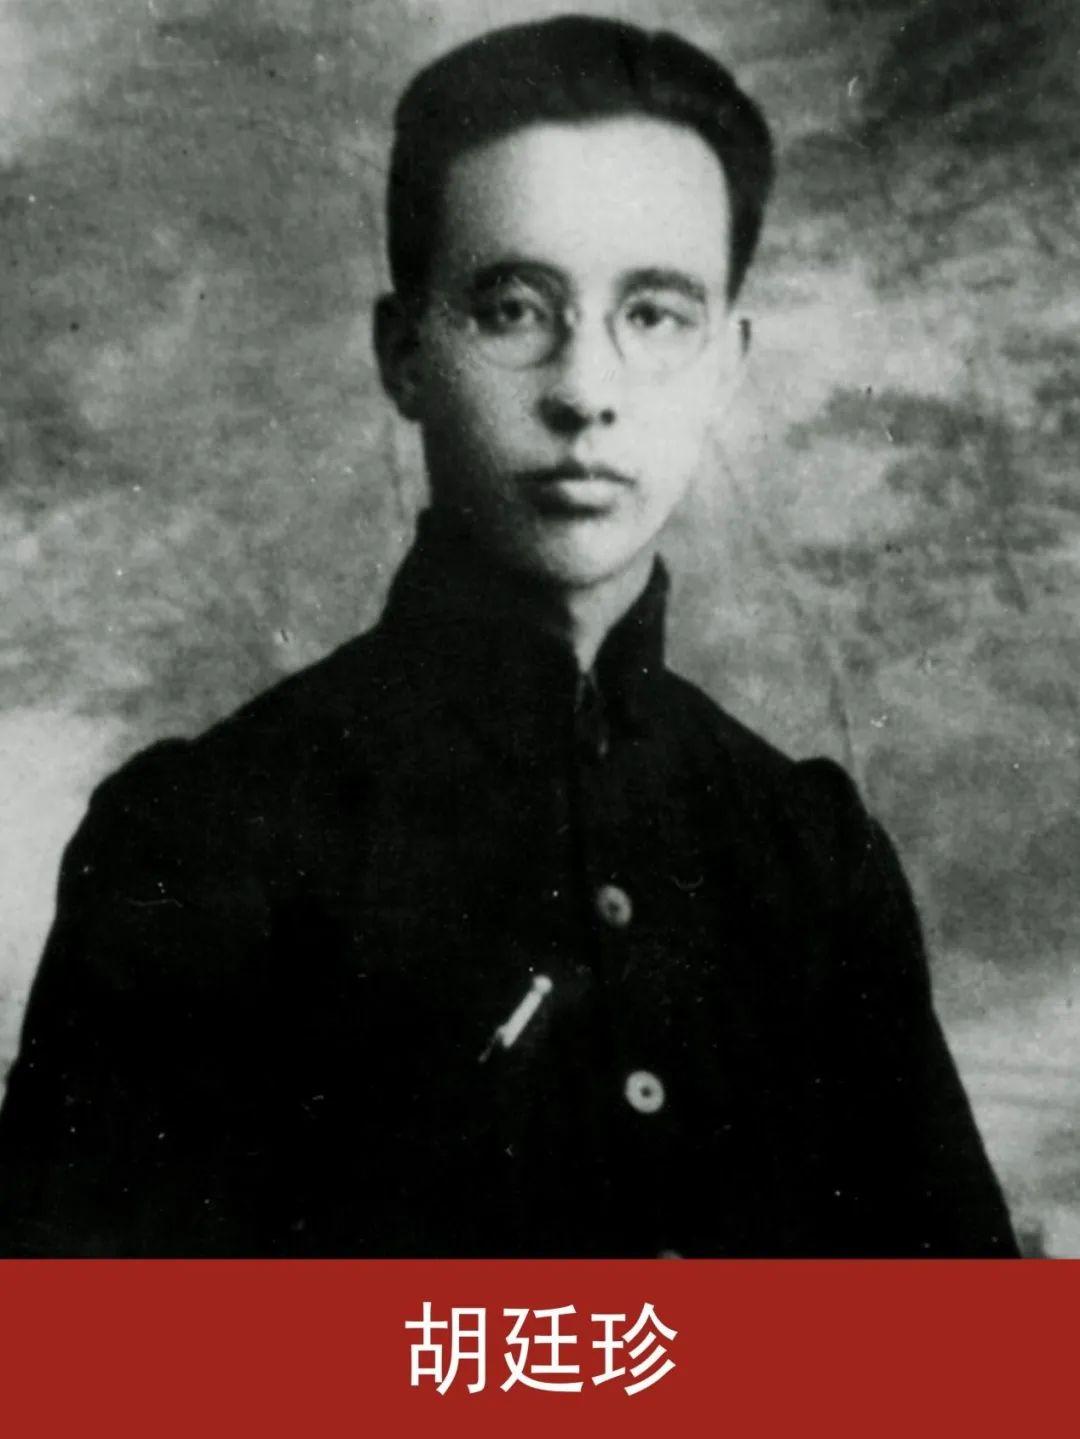 102年前,他收到了兰大的录取通知书……